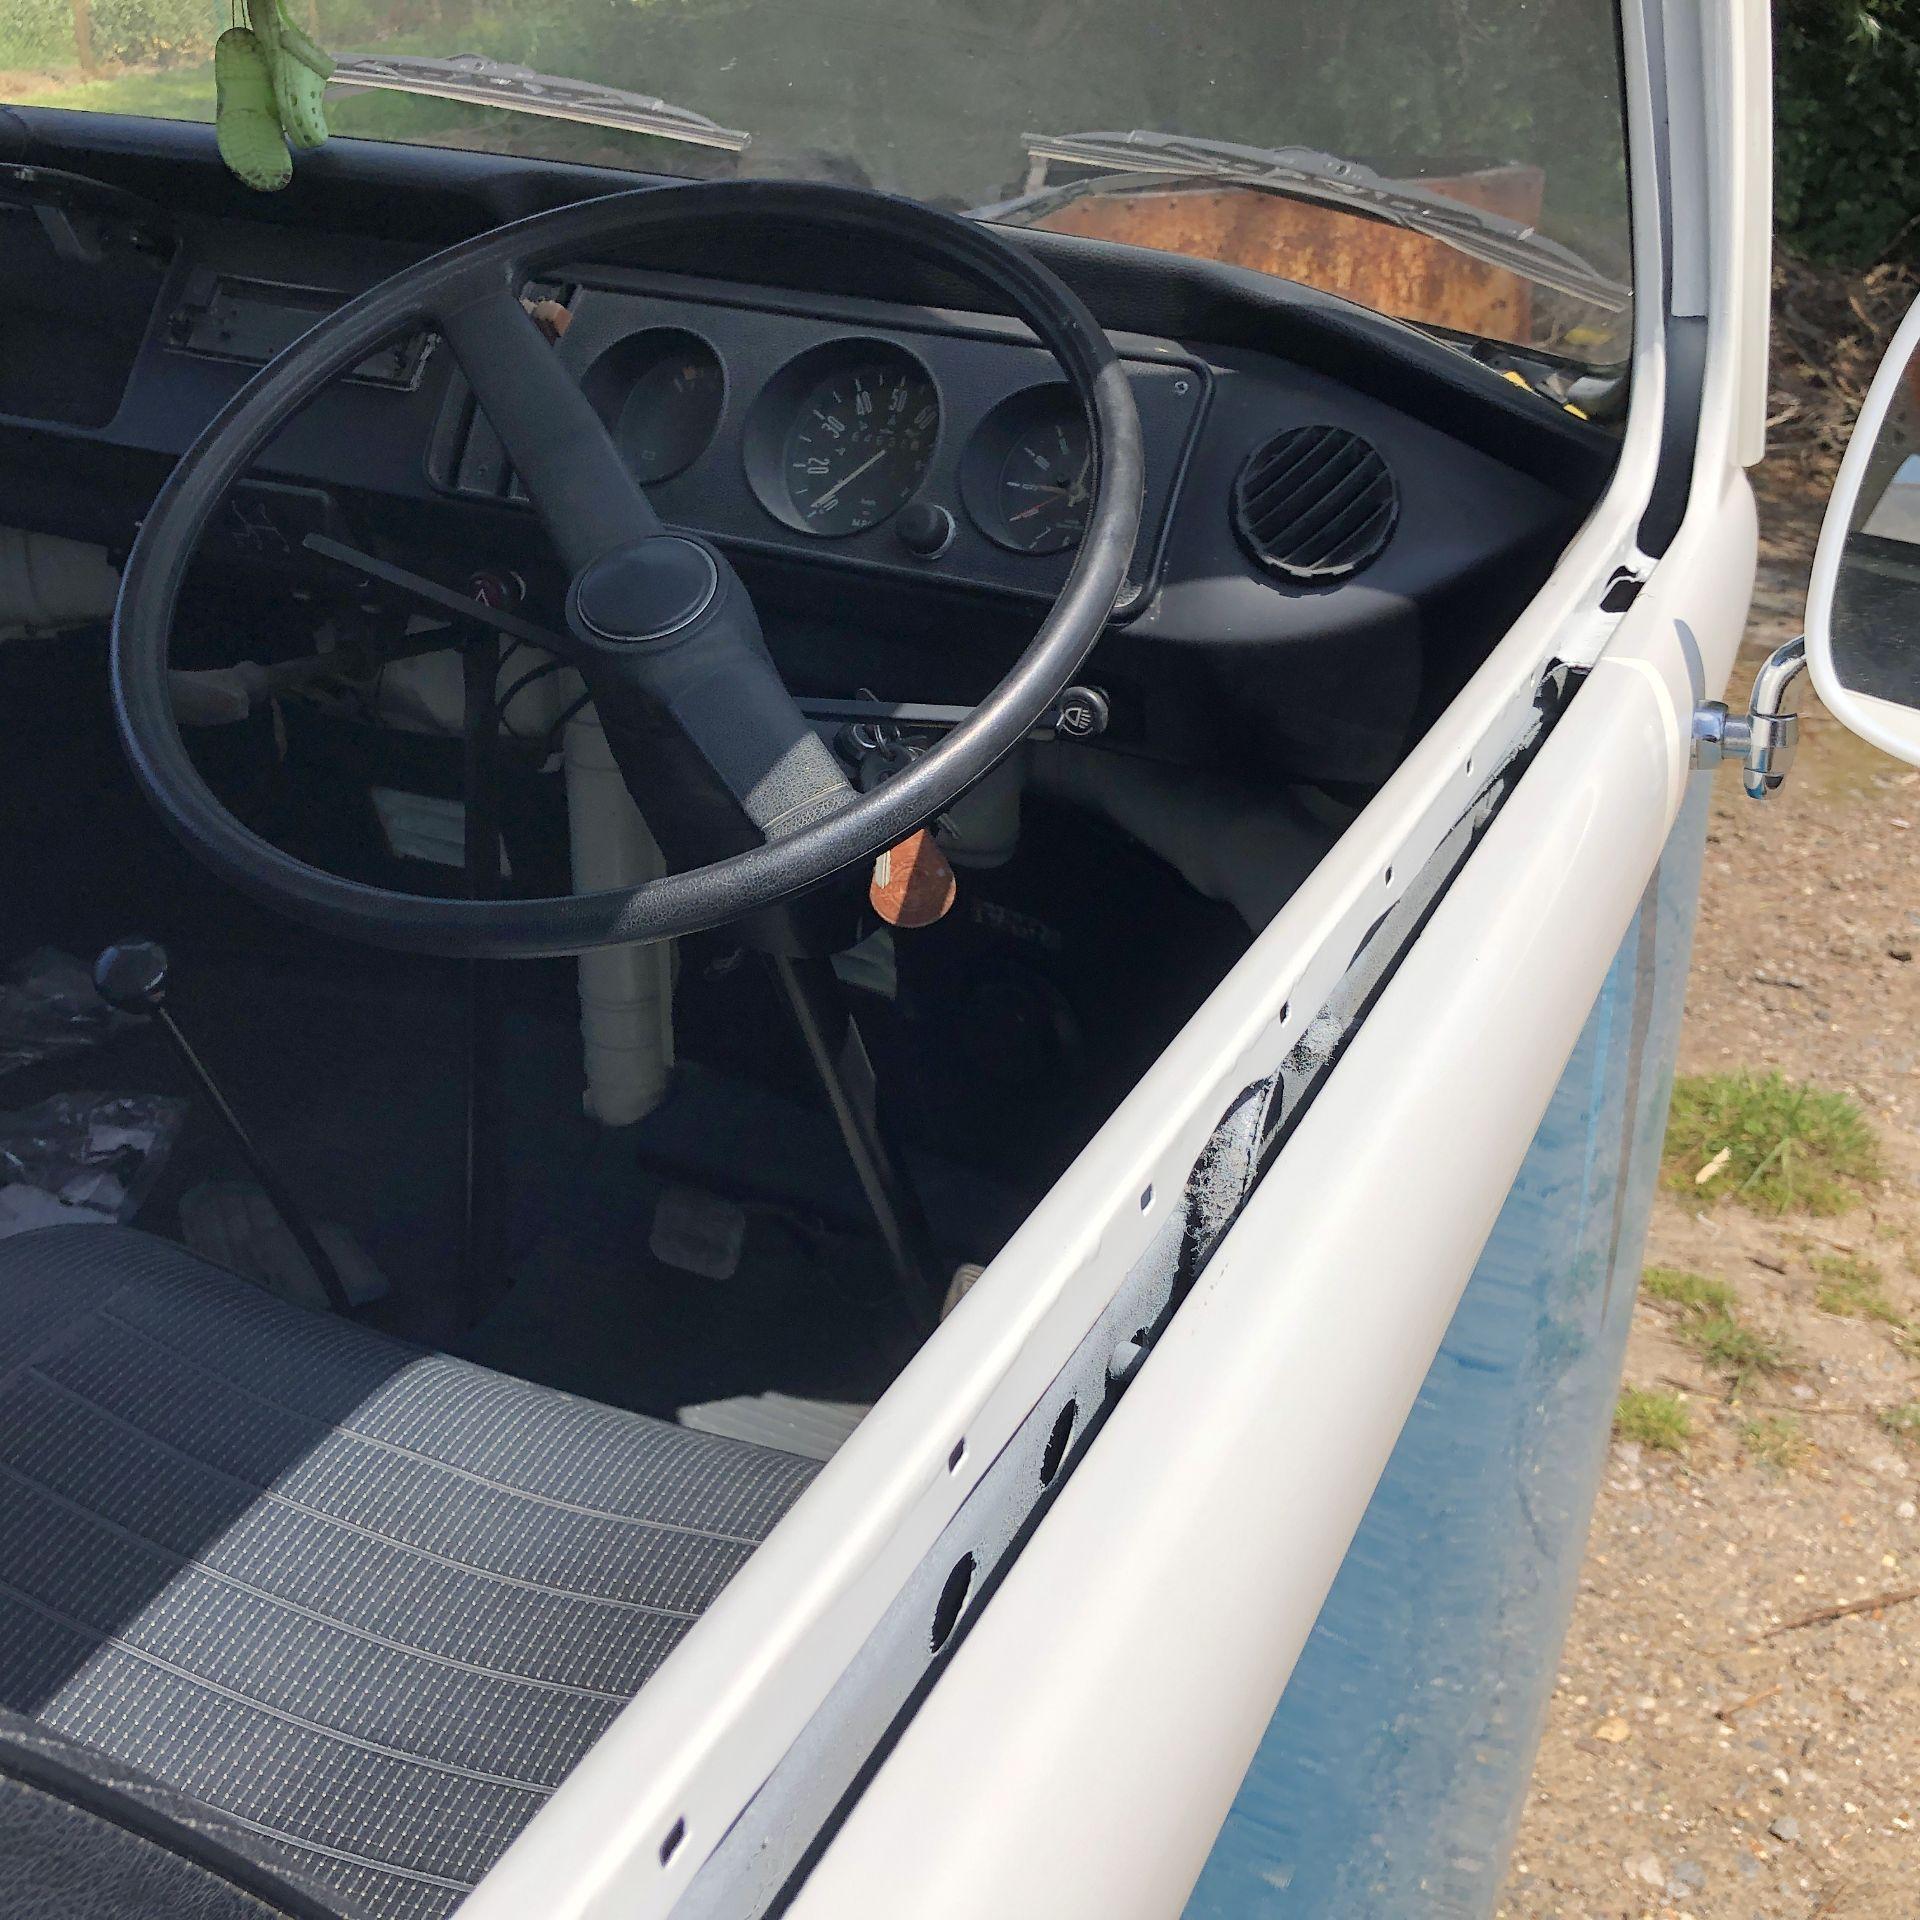 VW Microbus 8 Seater Caravanette Devon - 'Mr Blue' Petrol, Registration UMH 420S, First Registered - Image 36 of 47